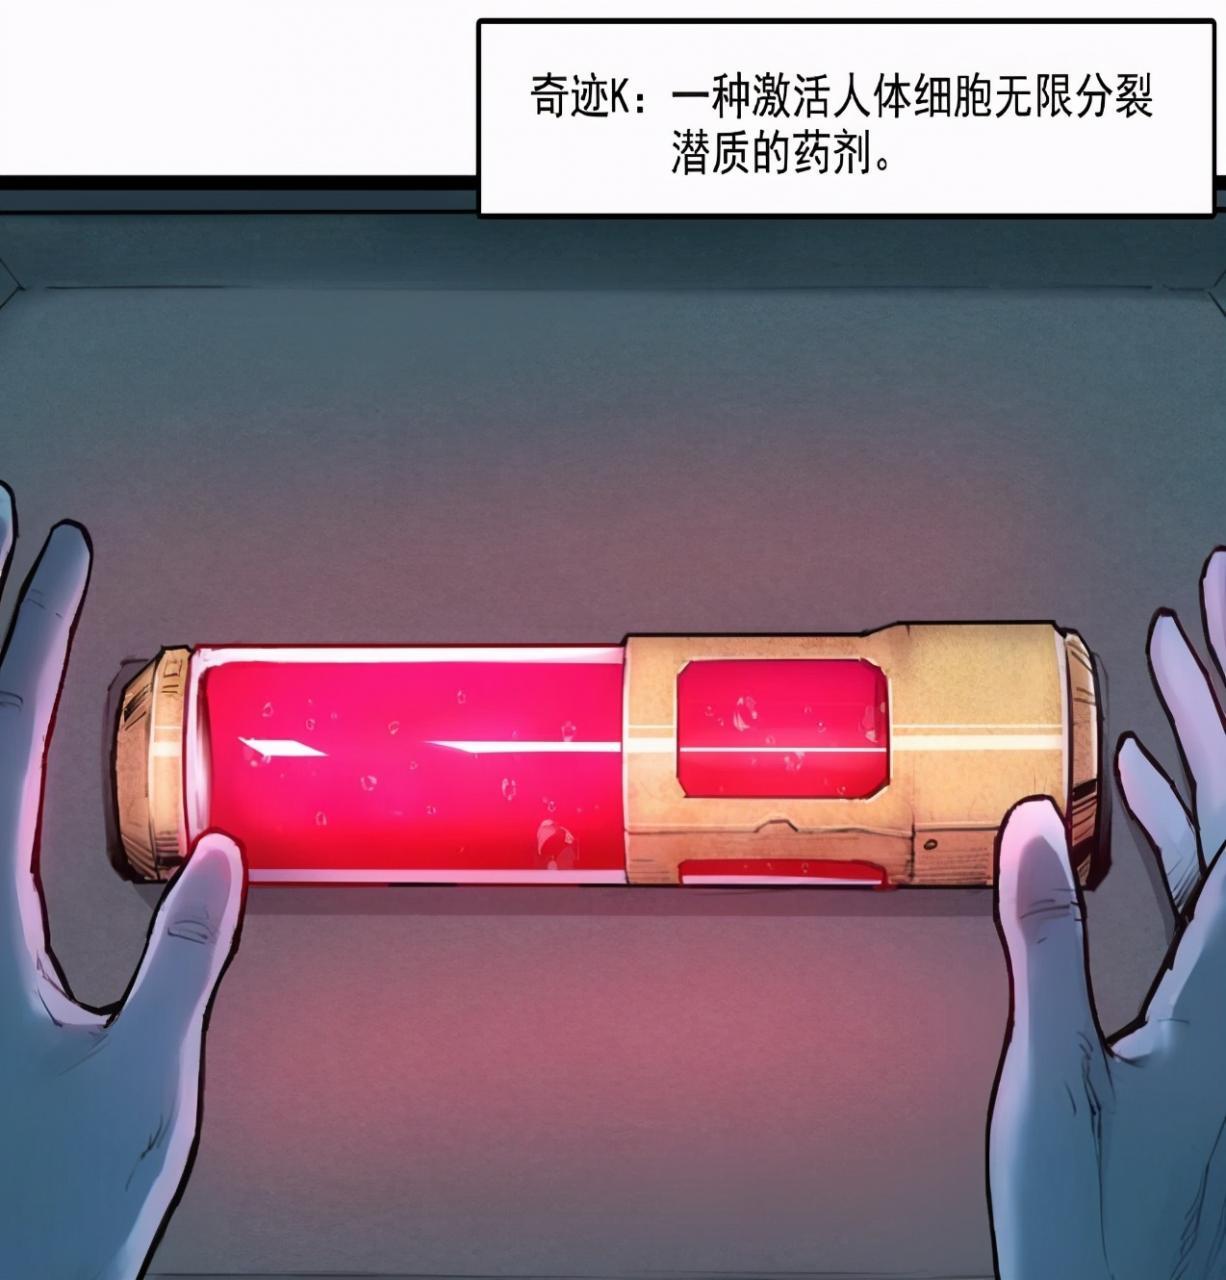 《灵笼:月魁传》再次放出重磅信息,白月魁不老秘密的猜测